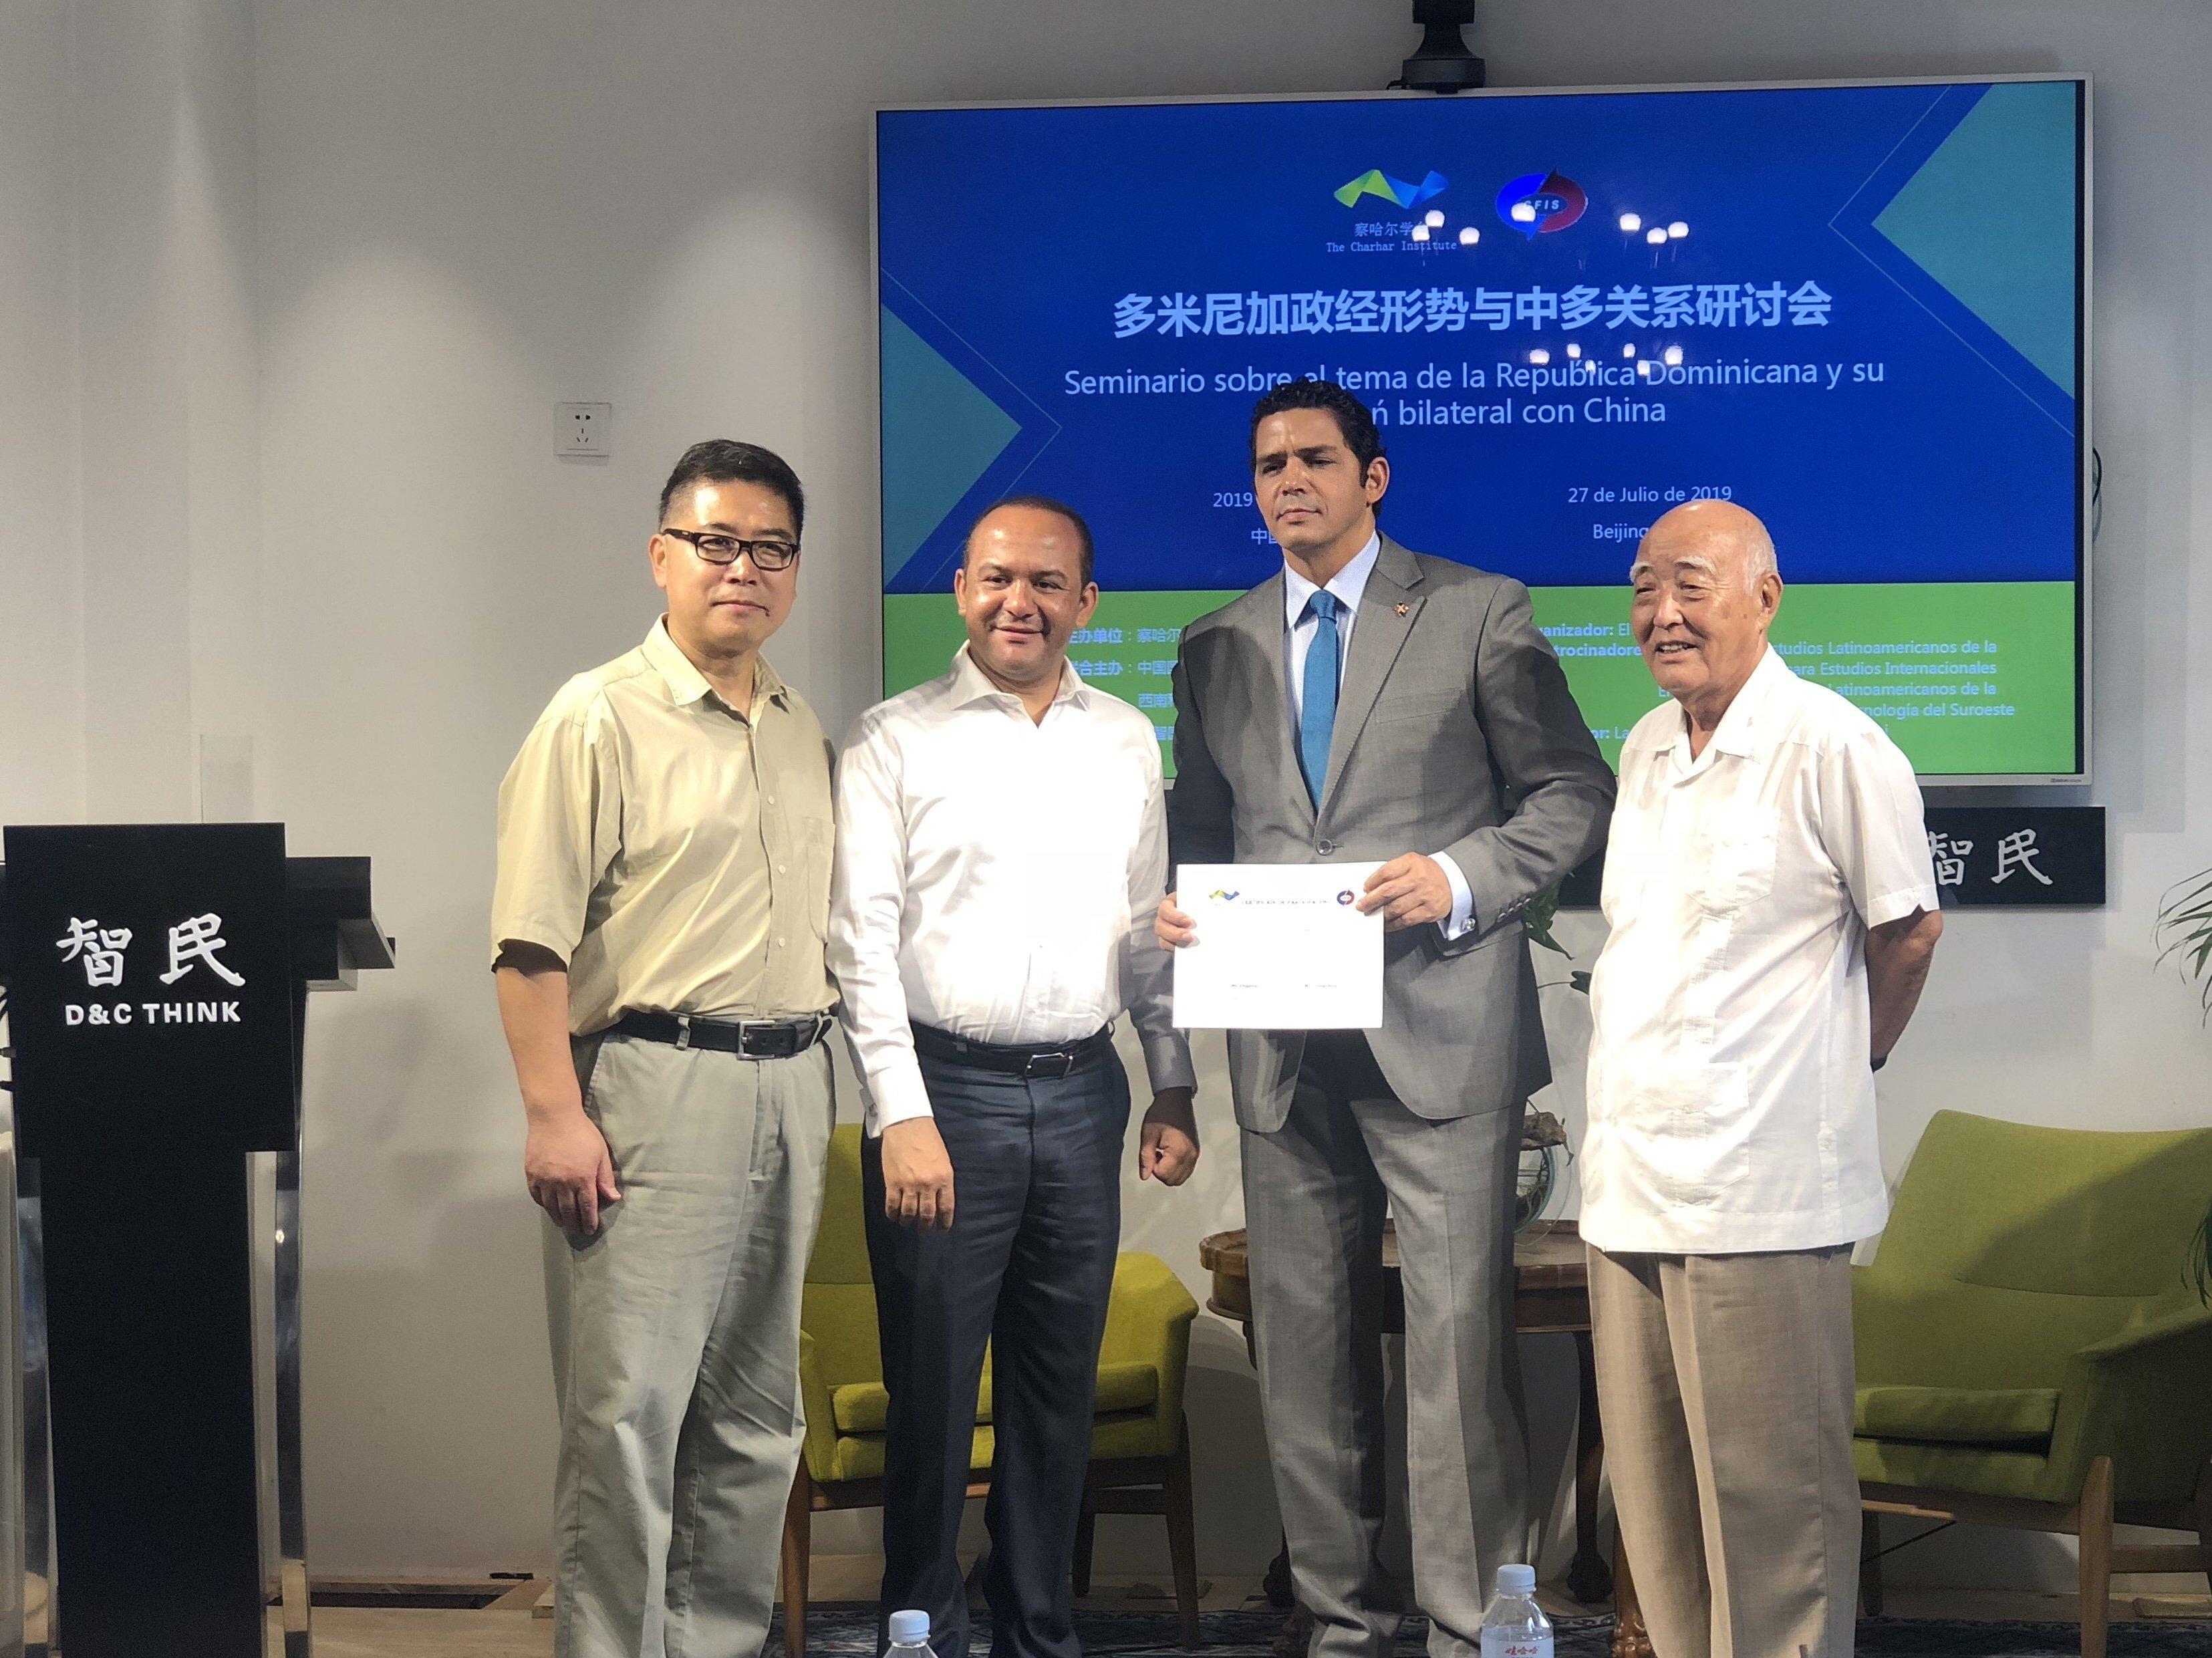 Destacan confianza alcanzada entre China y República Dominicana